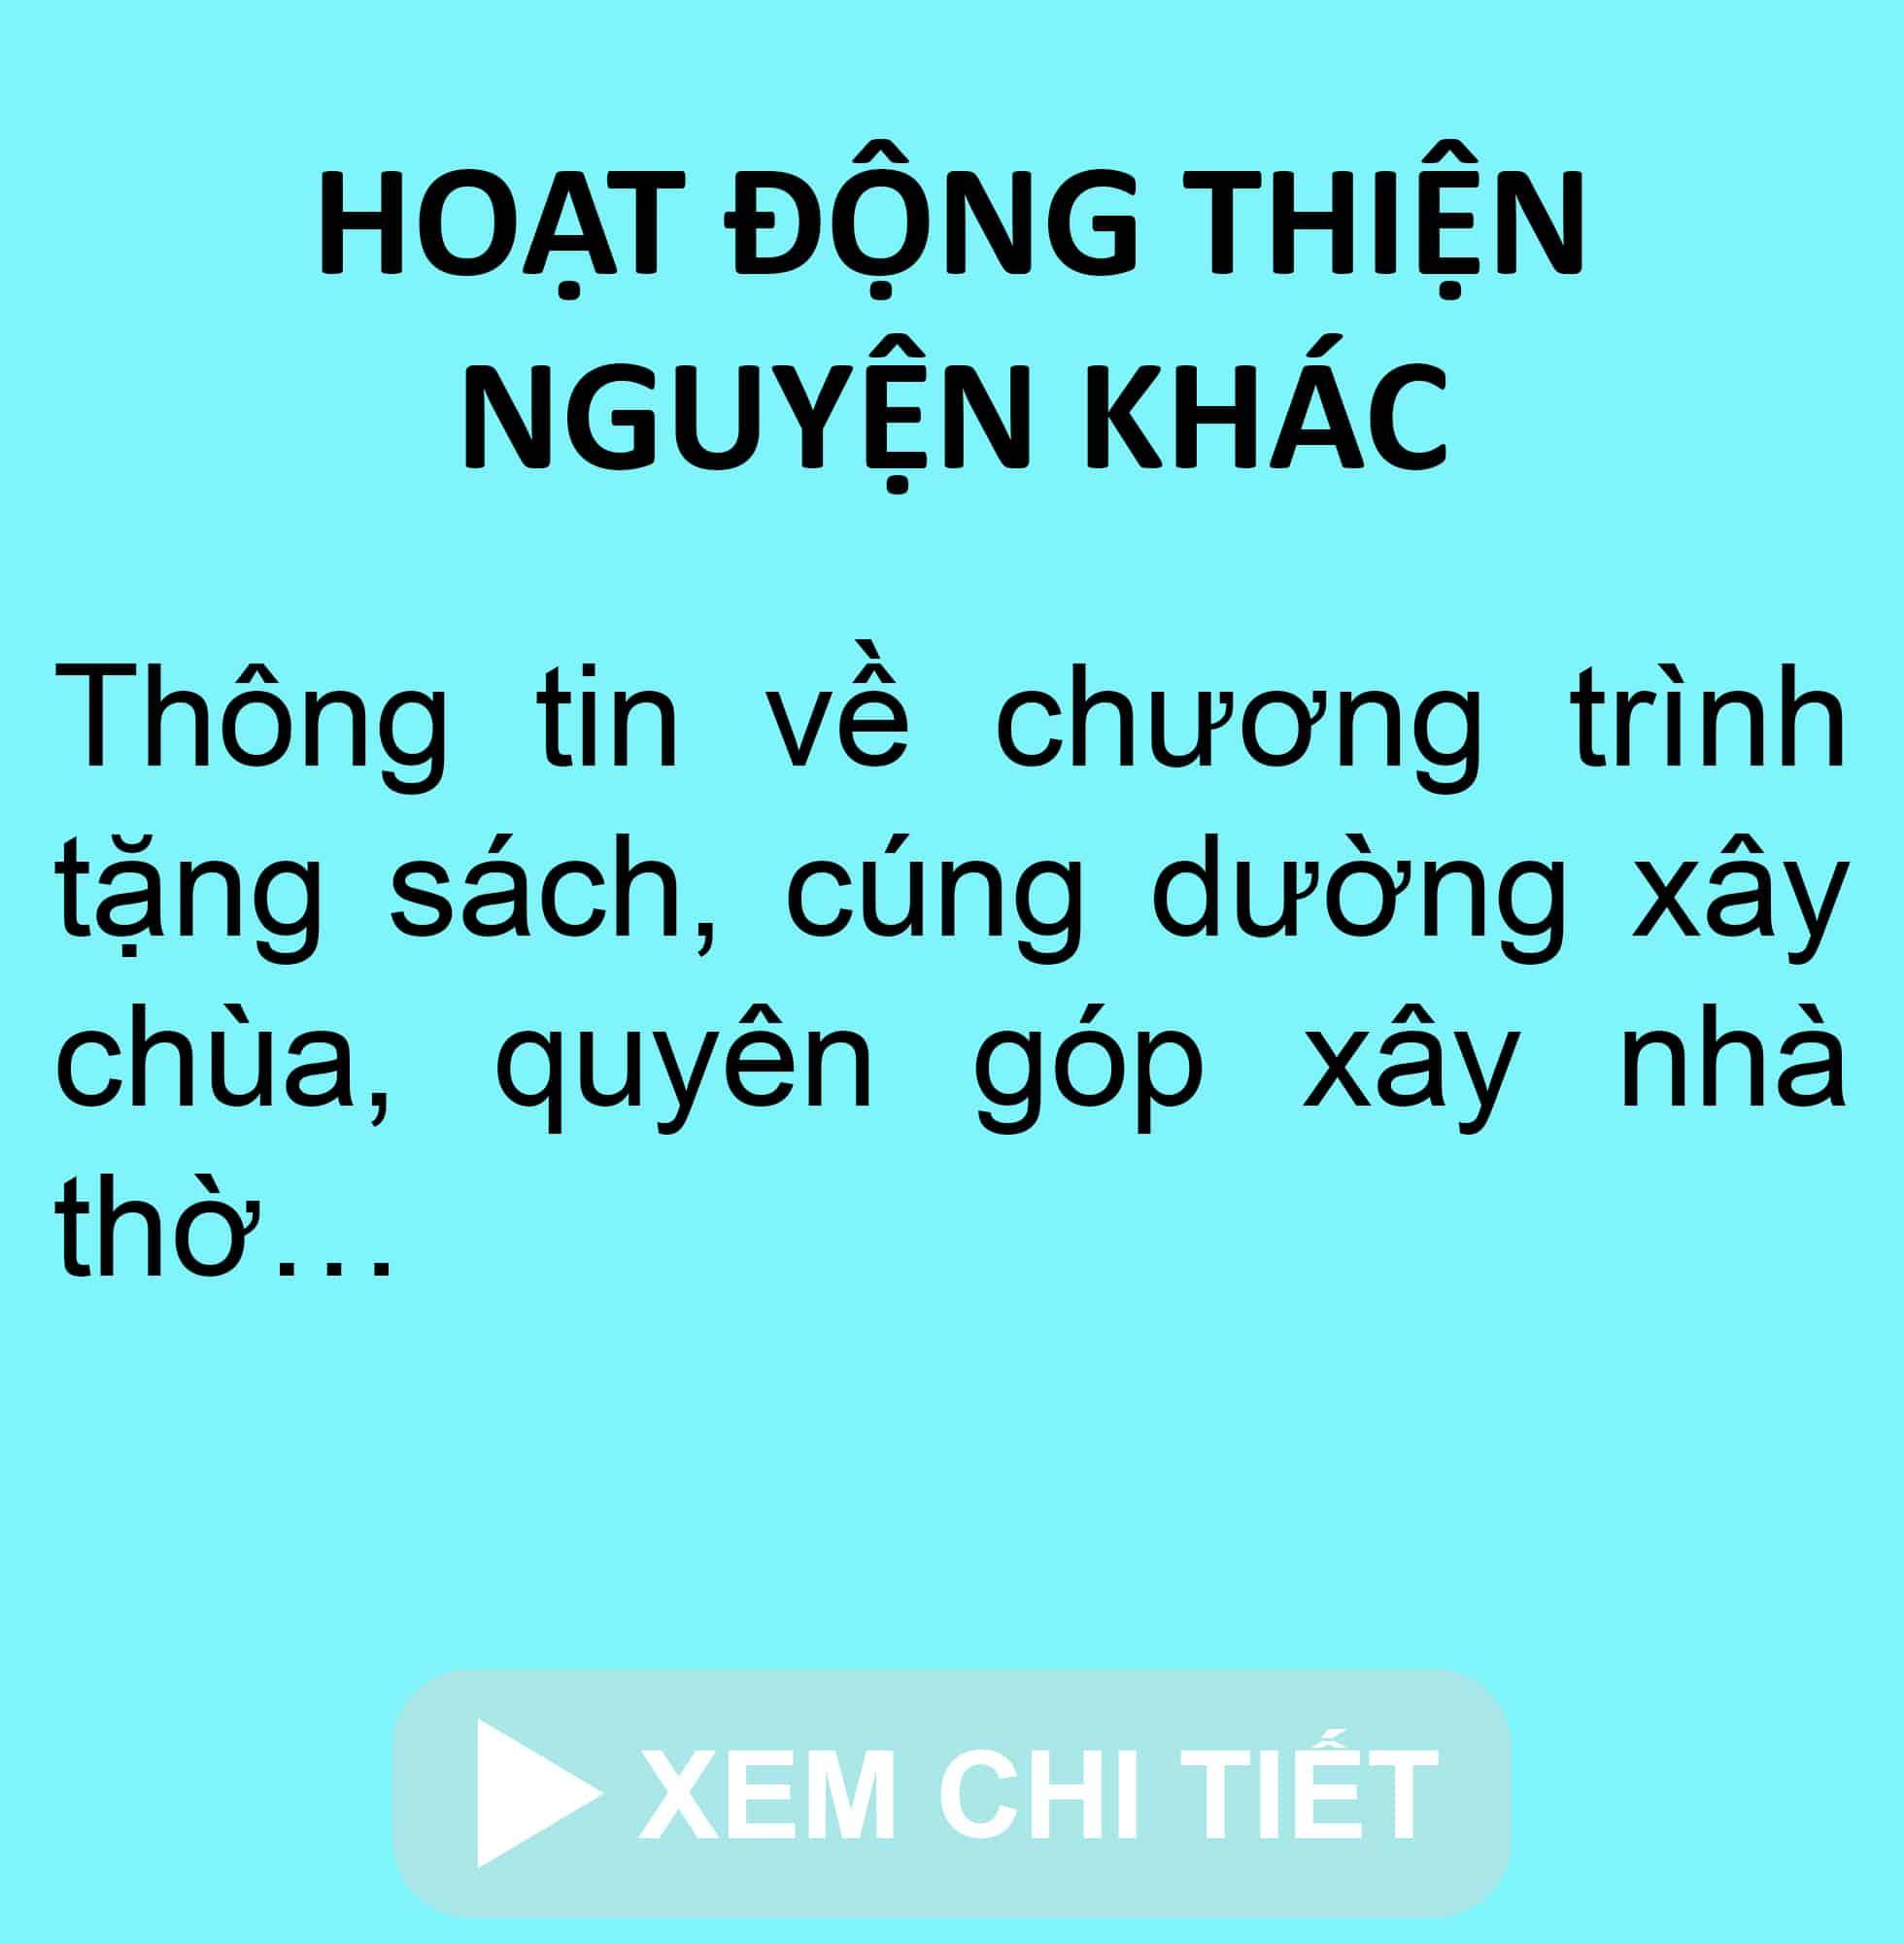 https://tuetamvh.com/chuyen-muc/chuong-trinh-tu-thien/